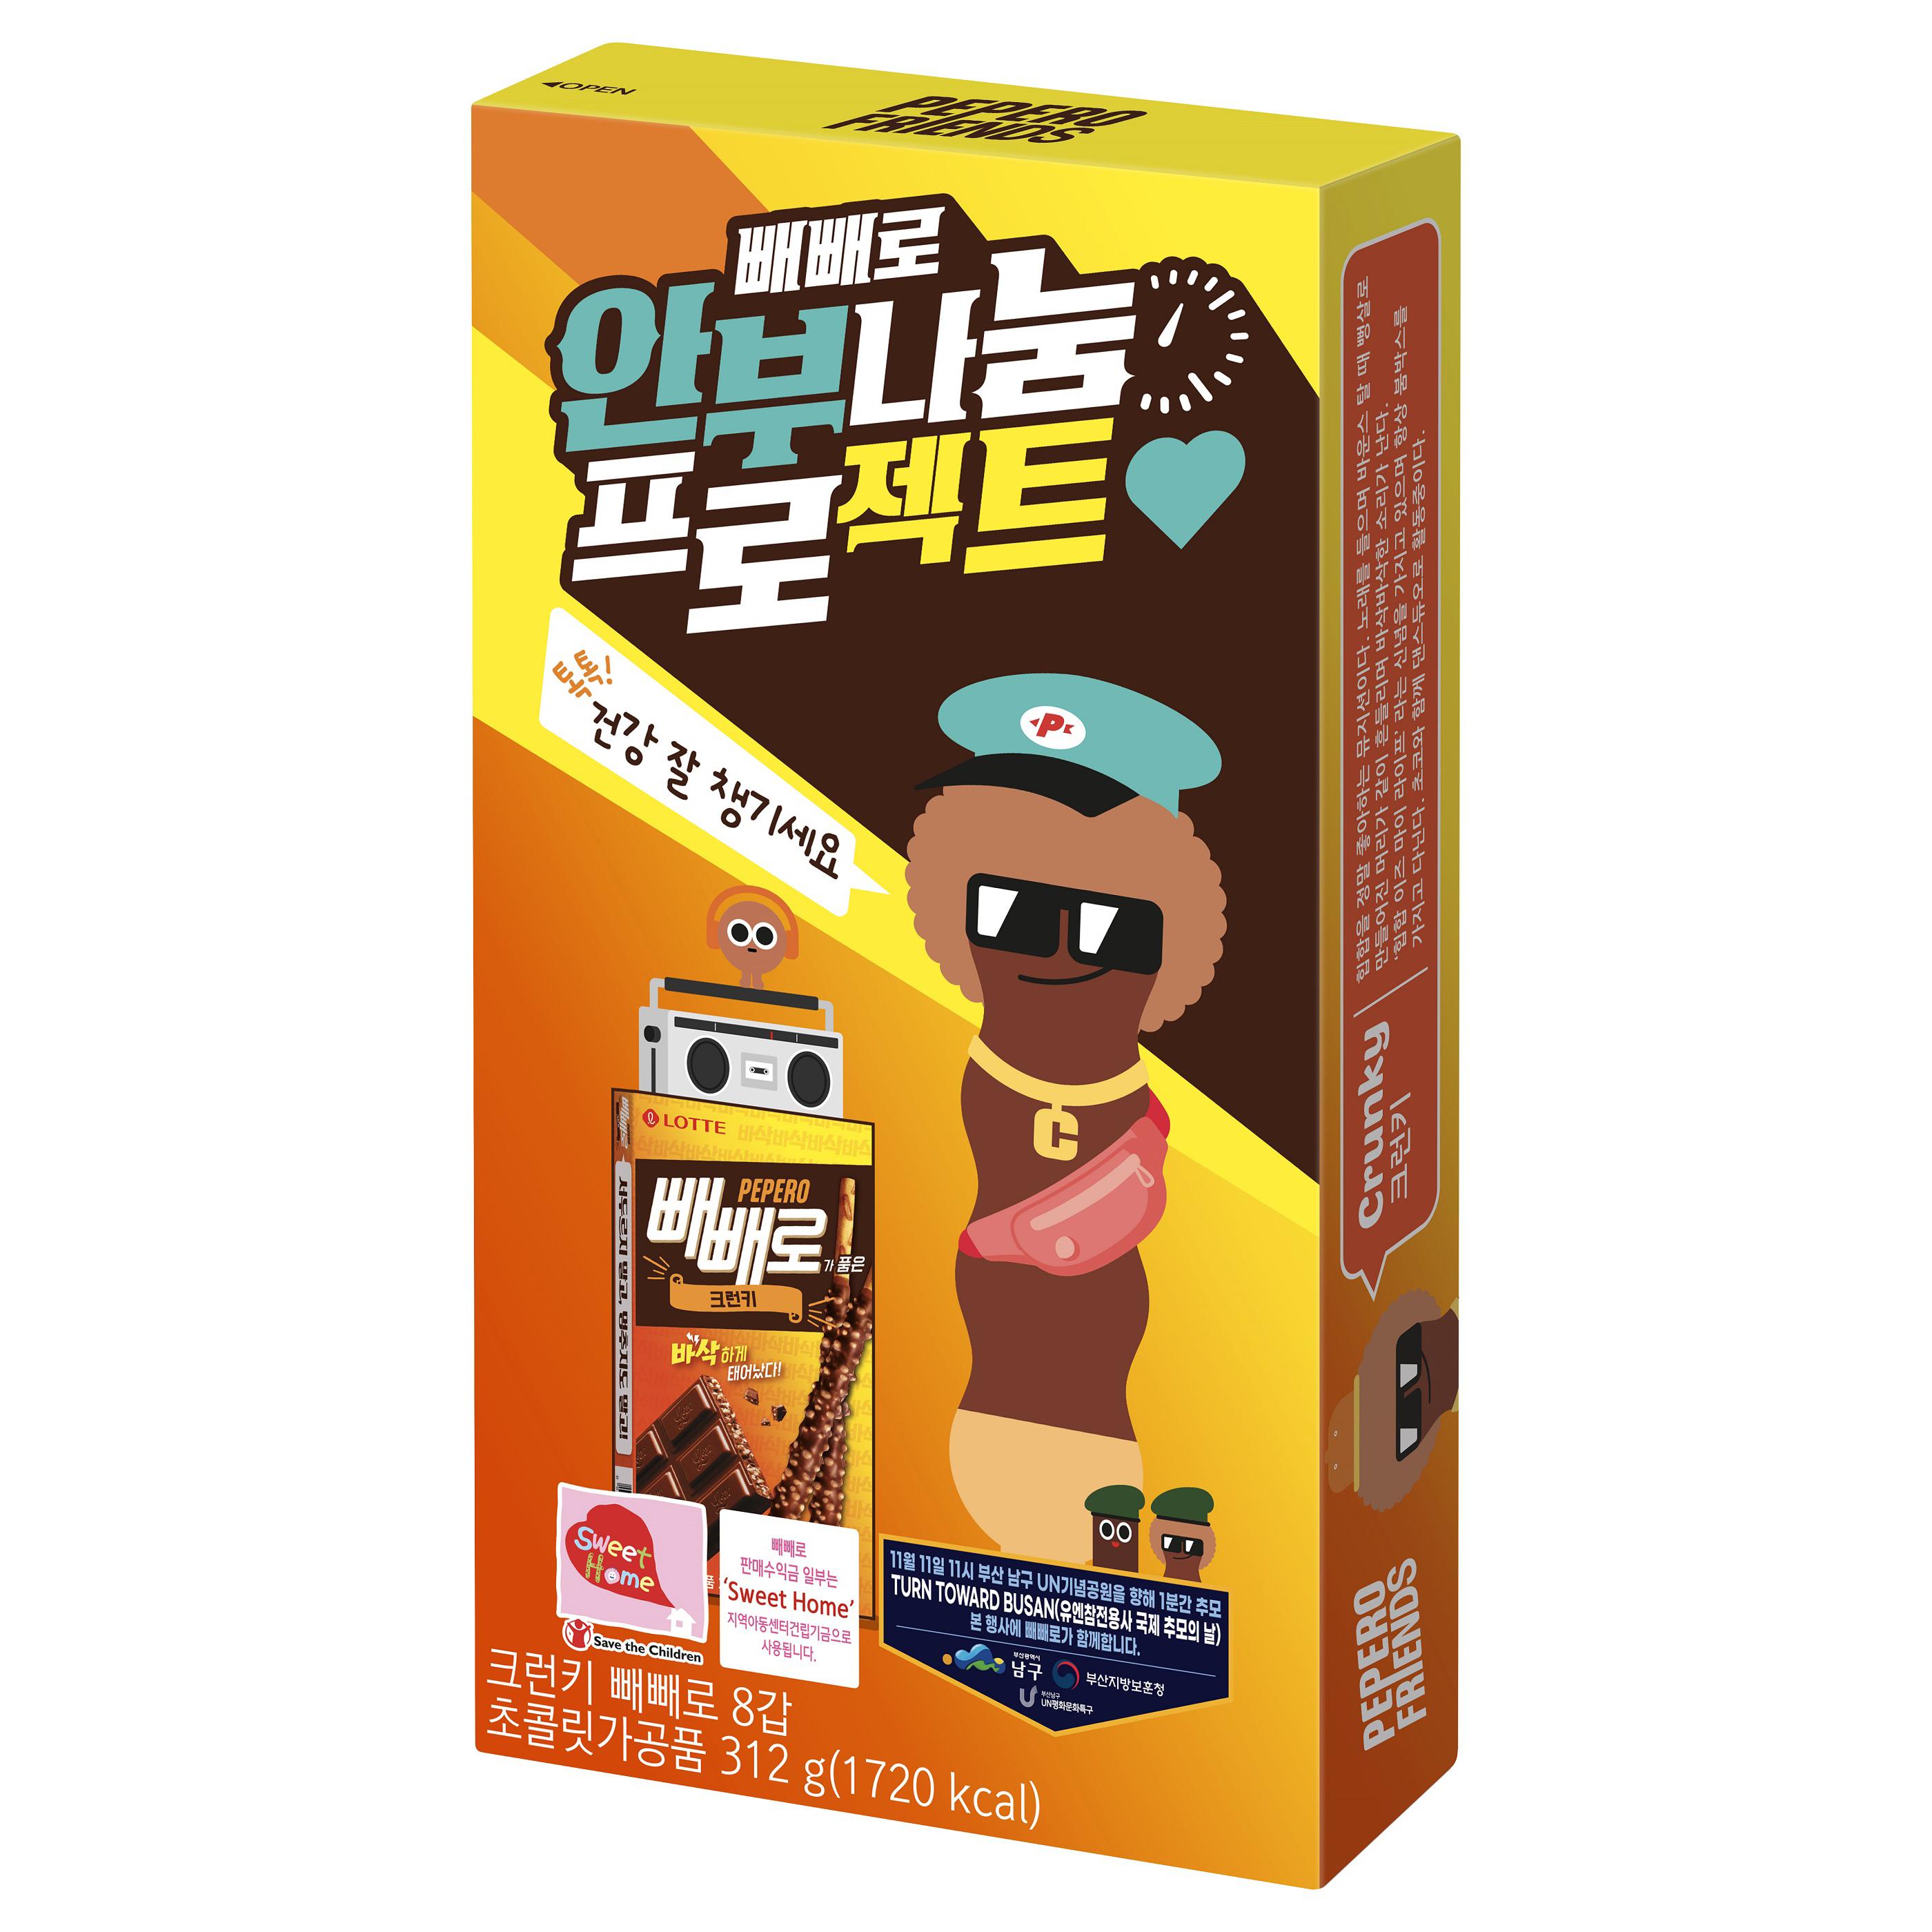 롯데제과 크런키 빼빼로 빅팩, 39g, 8개